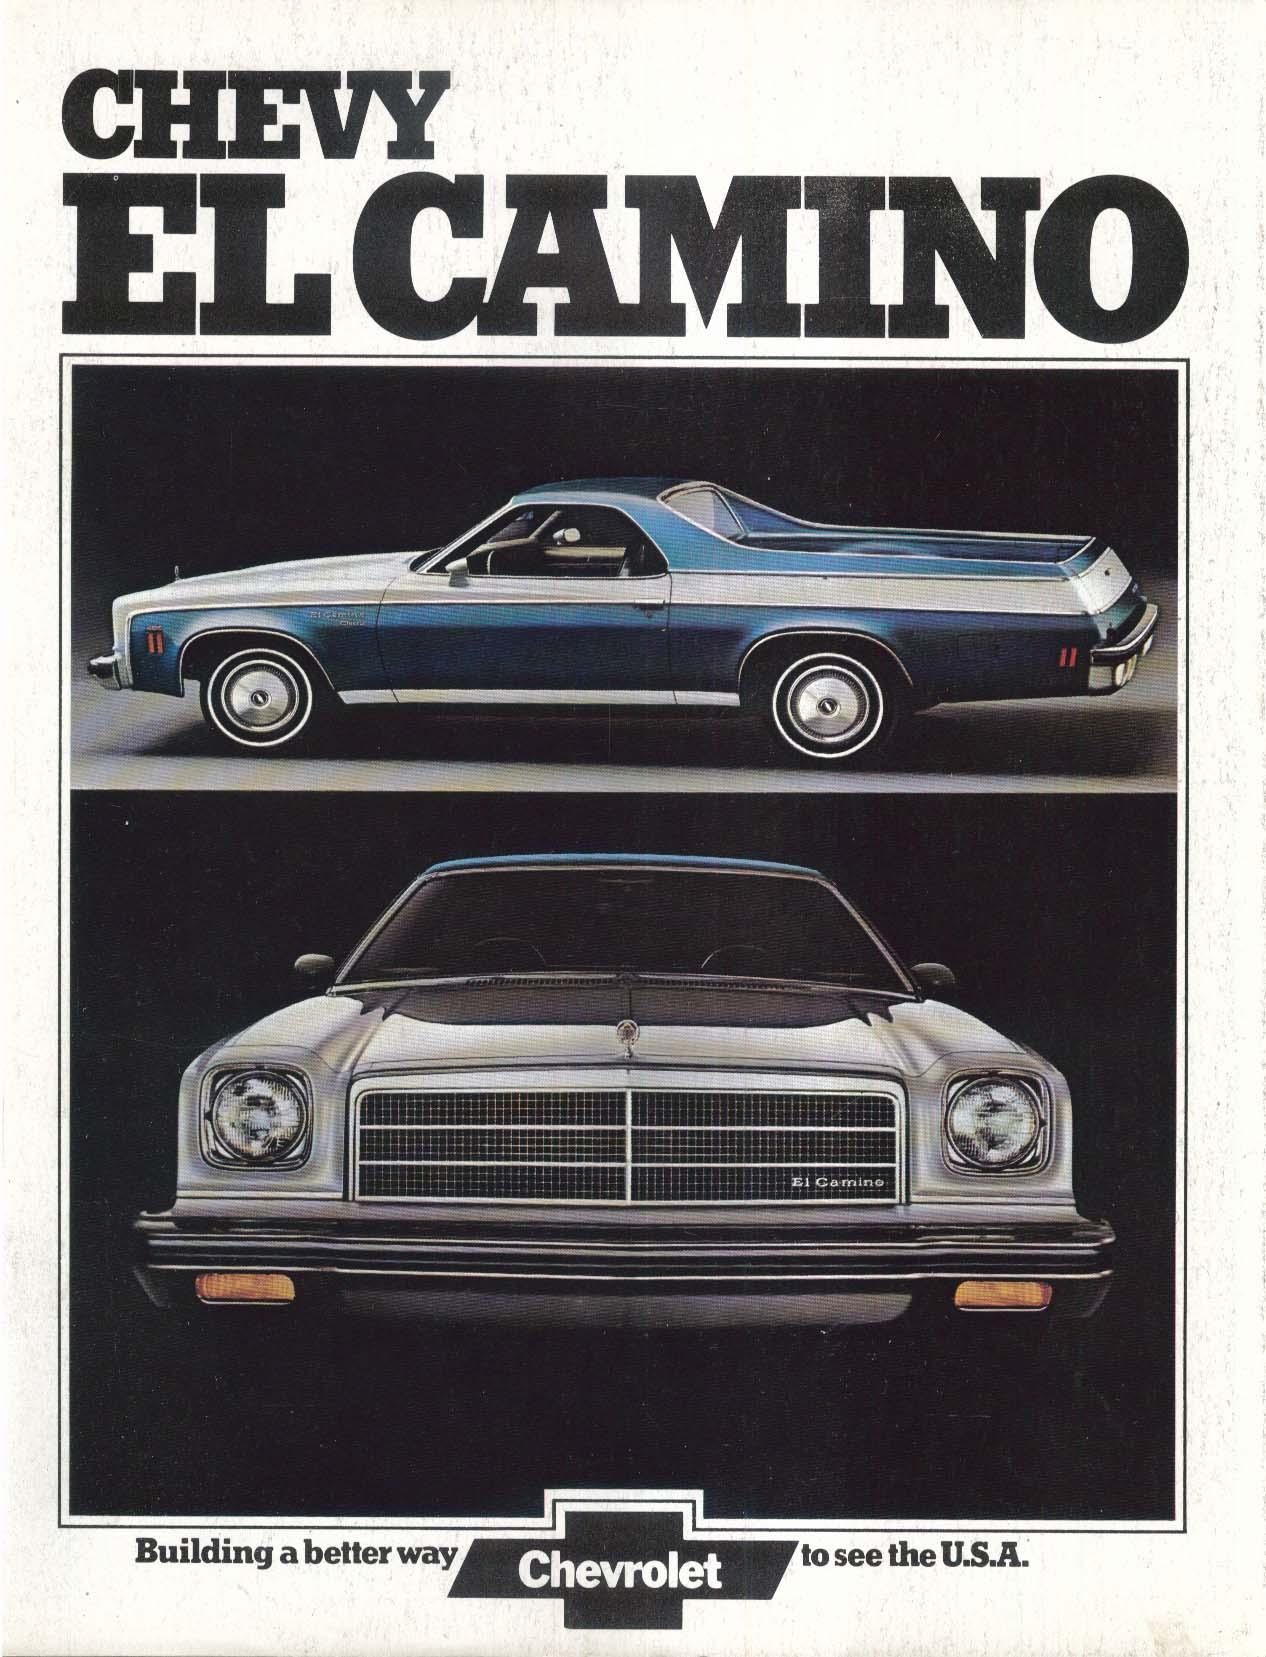 Image for 1974 Chevrolet El Camino sales brochure